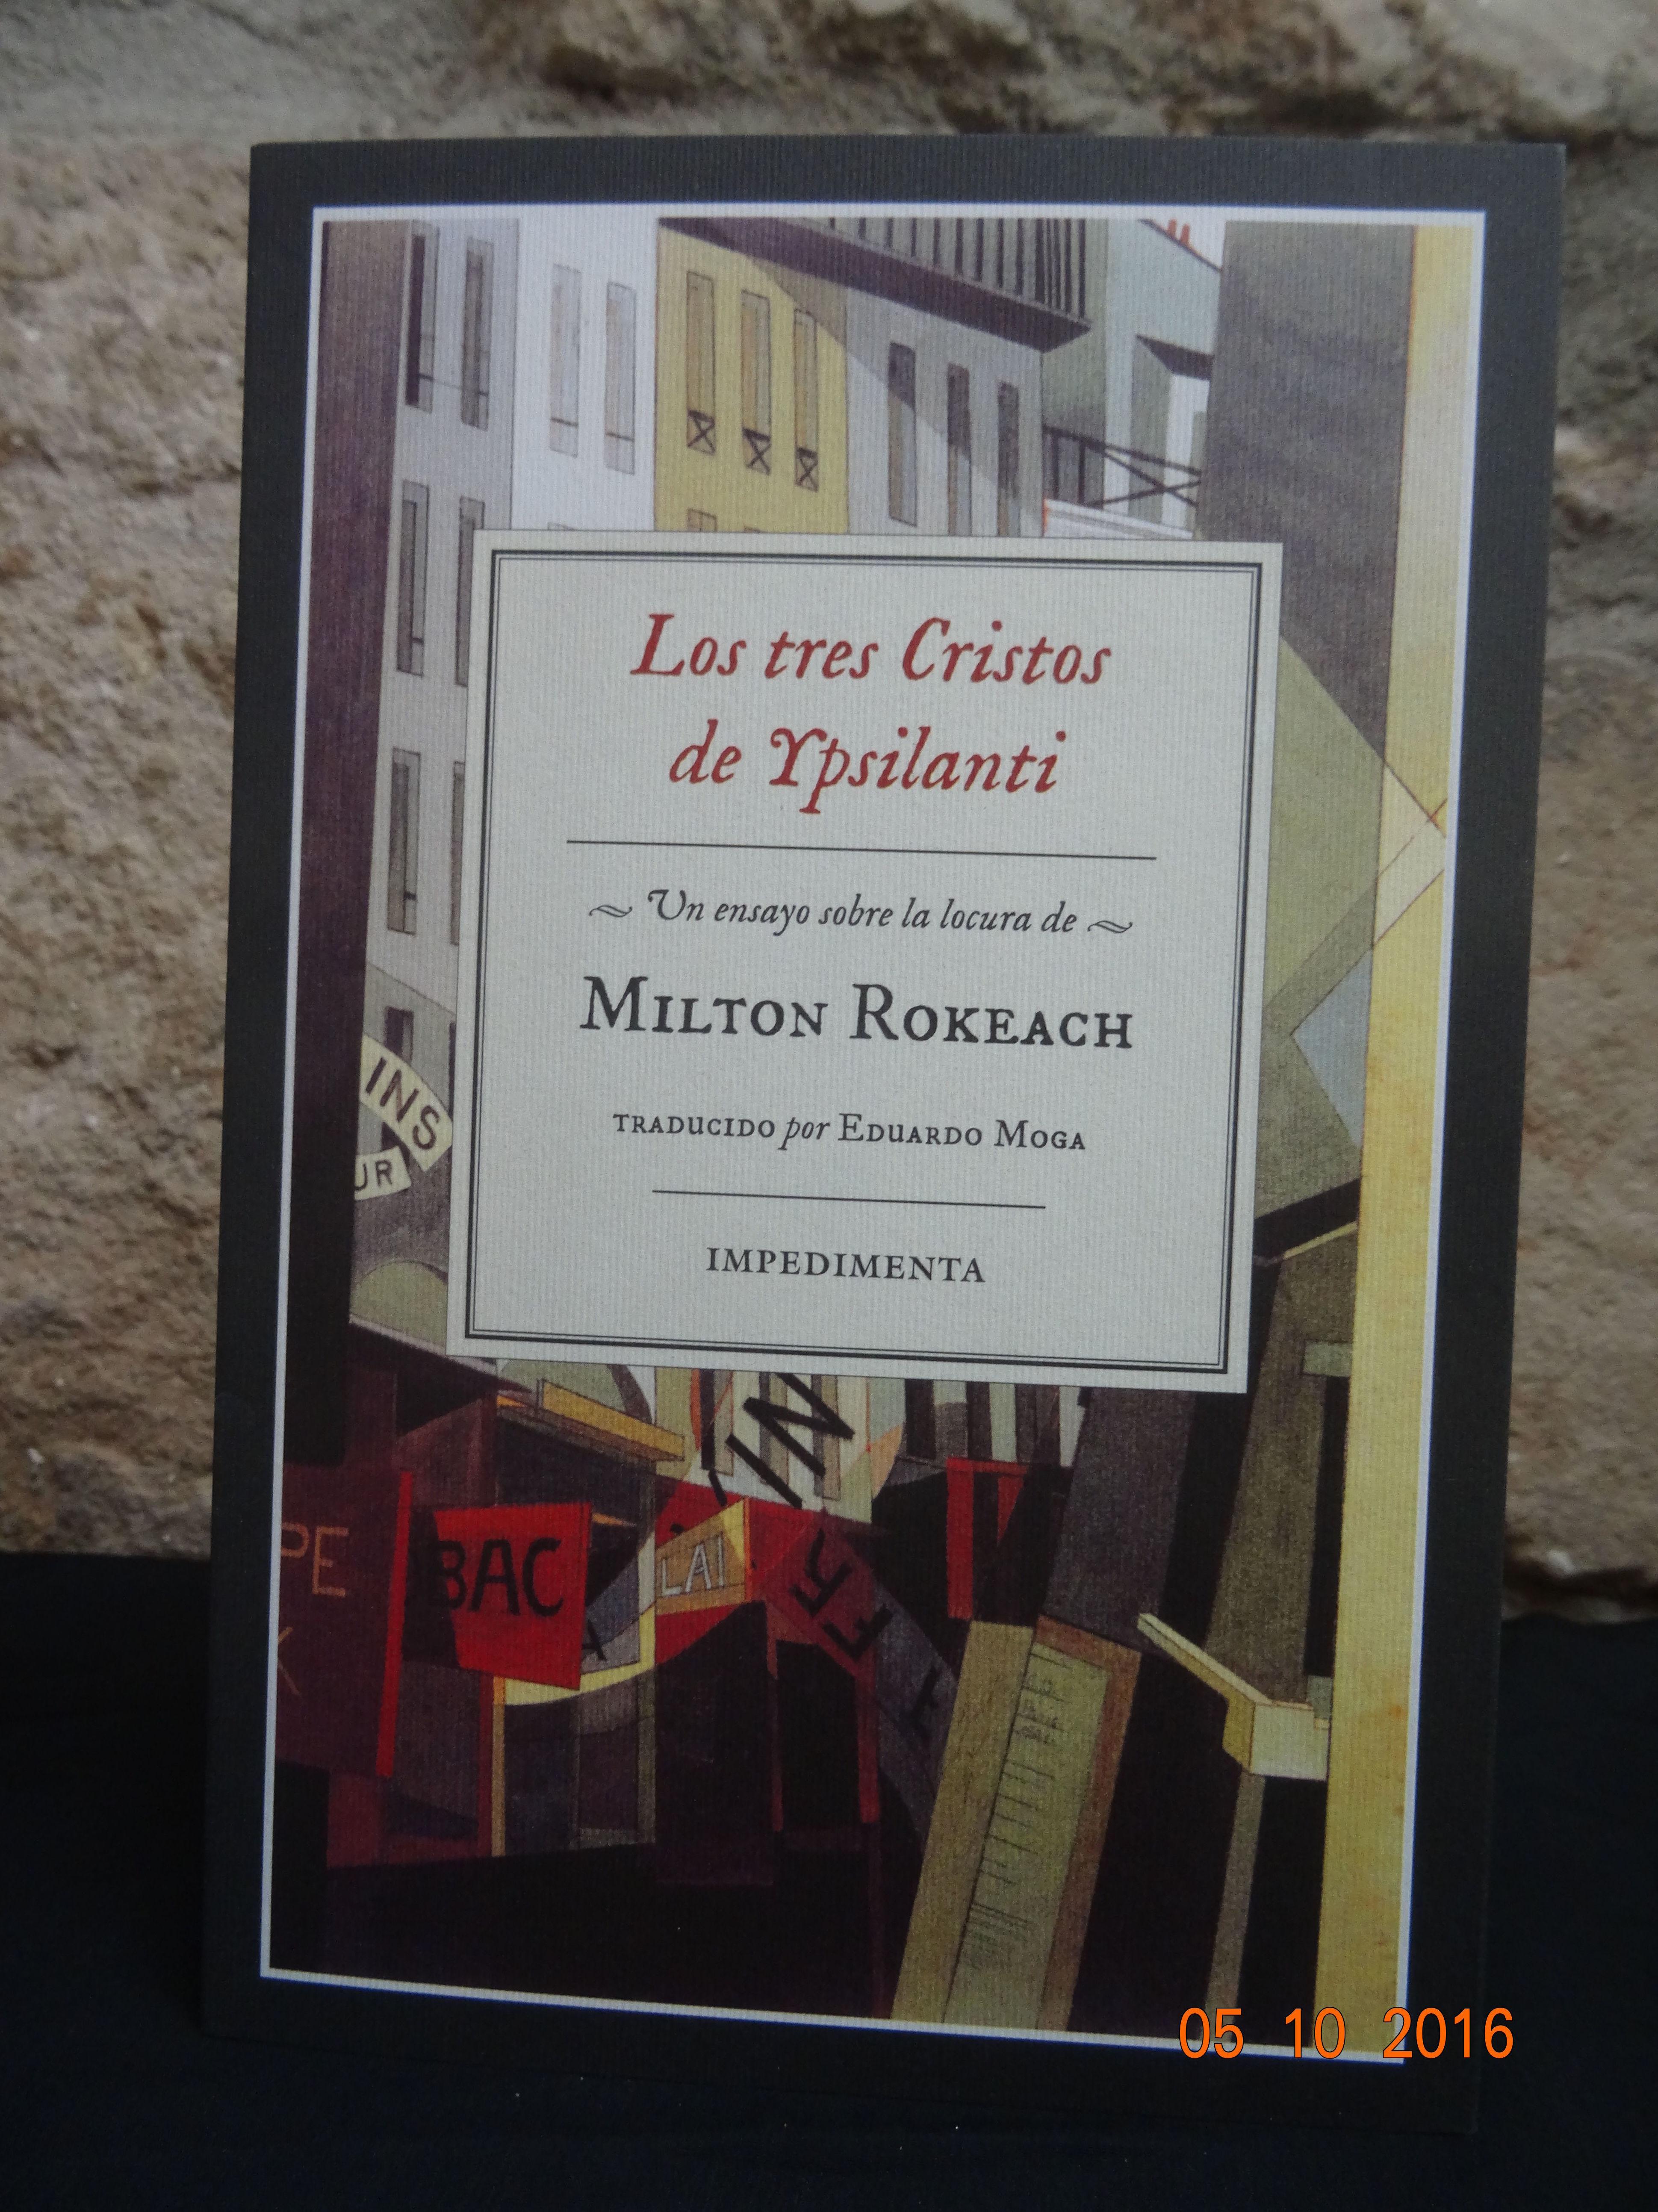 Los tres cristos de Ypsilanti: SECCIONES de Librería Nueva Plaza Universitaria